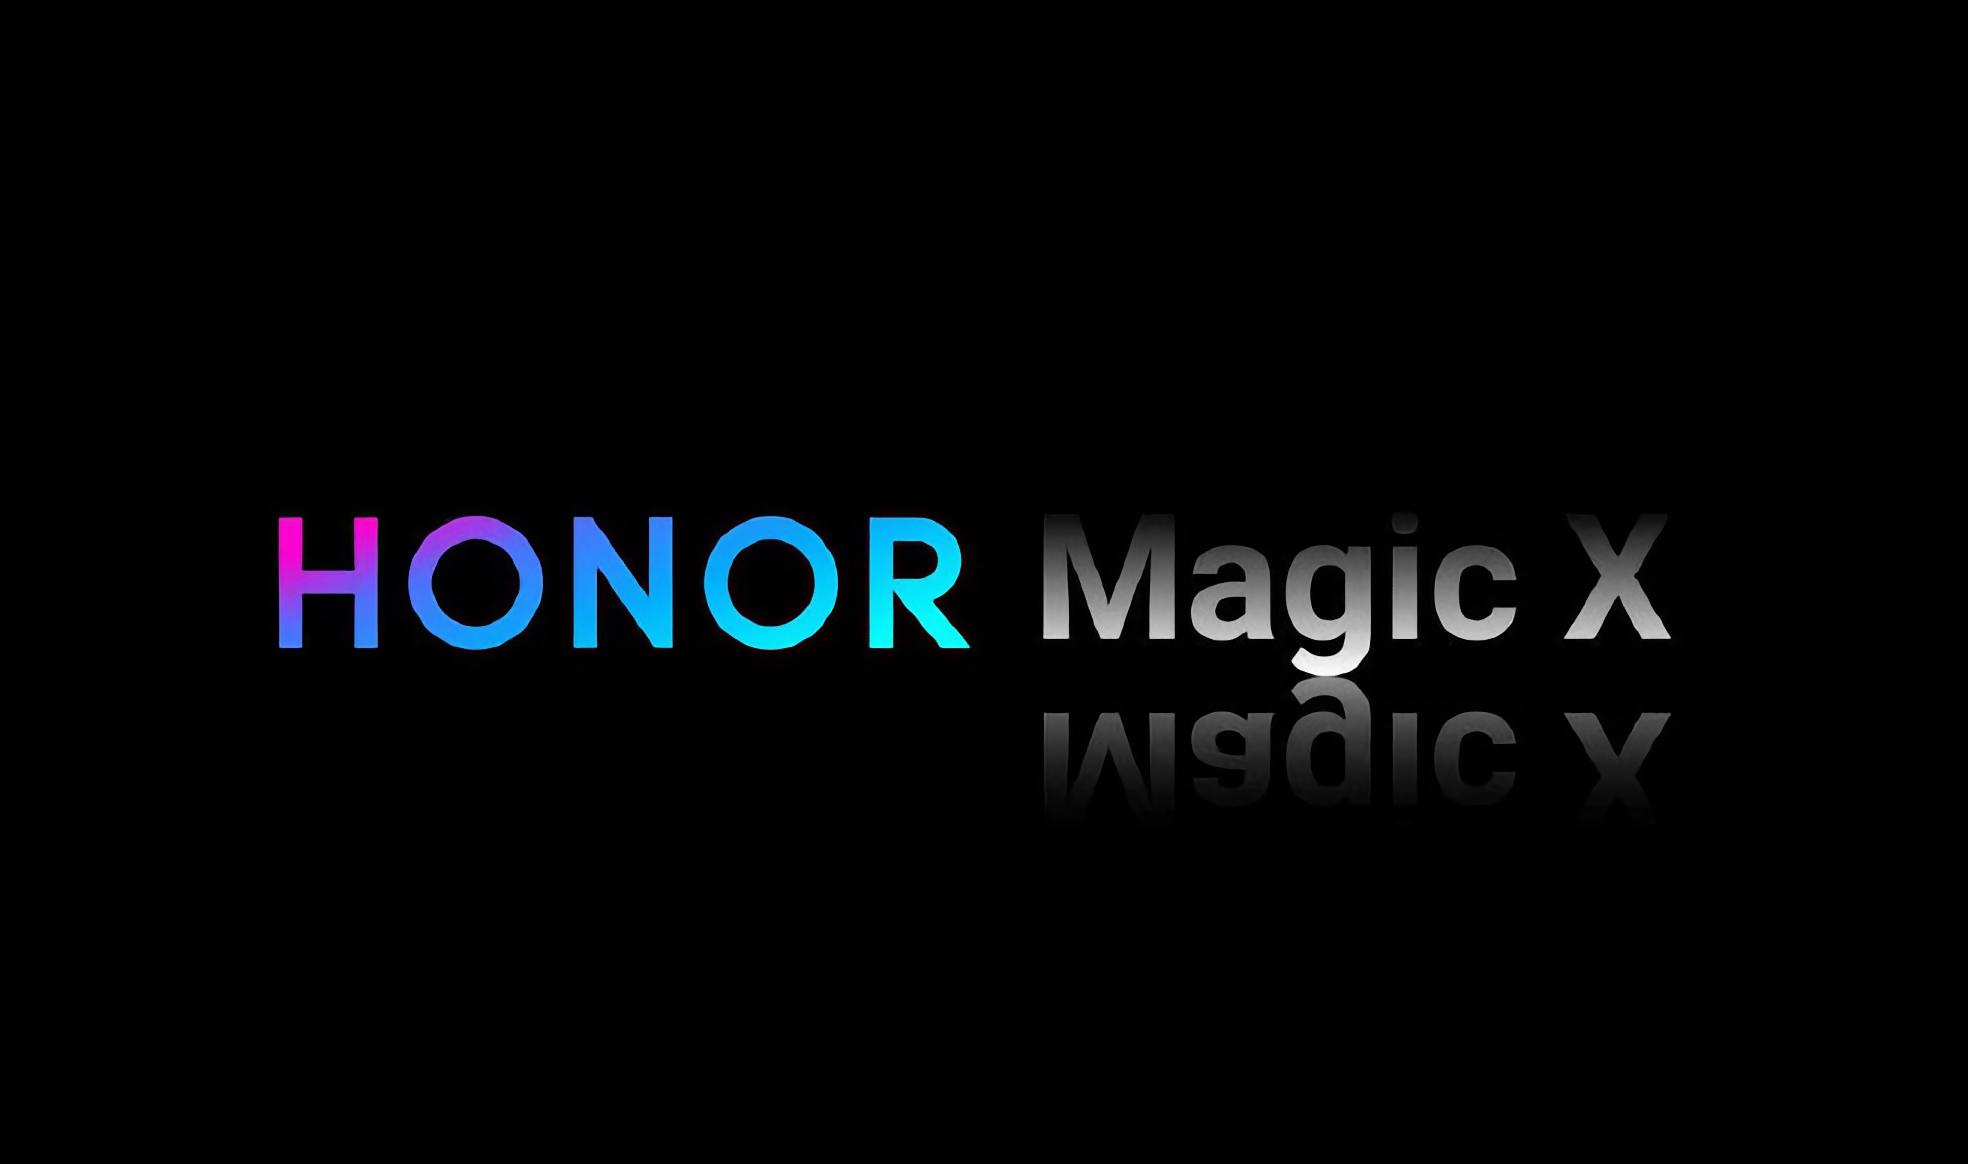 Инсайдер: первый складной смартфон Honor получит название Magic X и выйдет до конца этого года